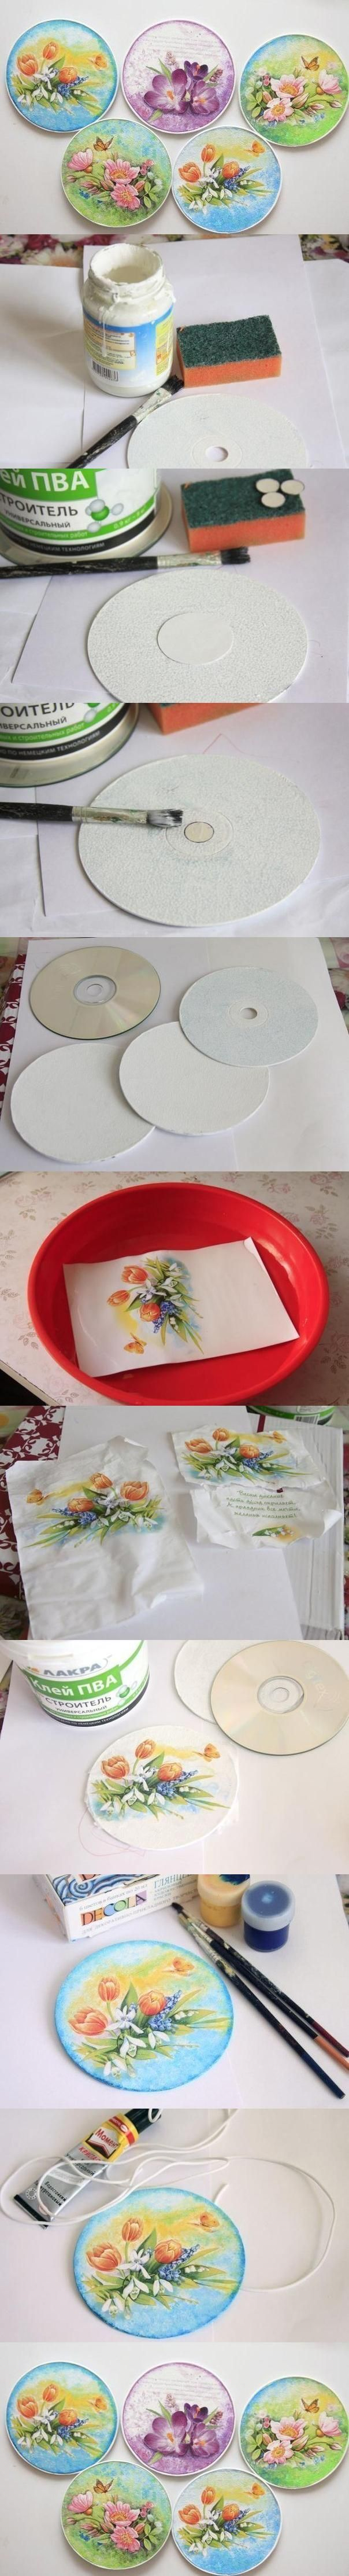 креативно использовать ненужные CD-диски: основа для наклеивания готовых картинок